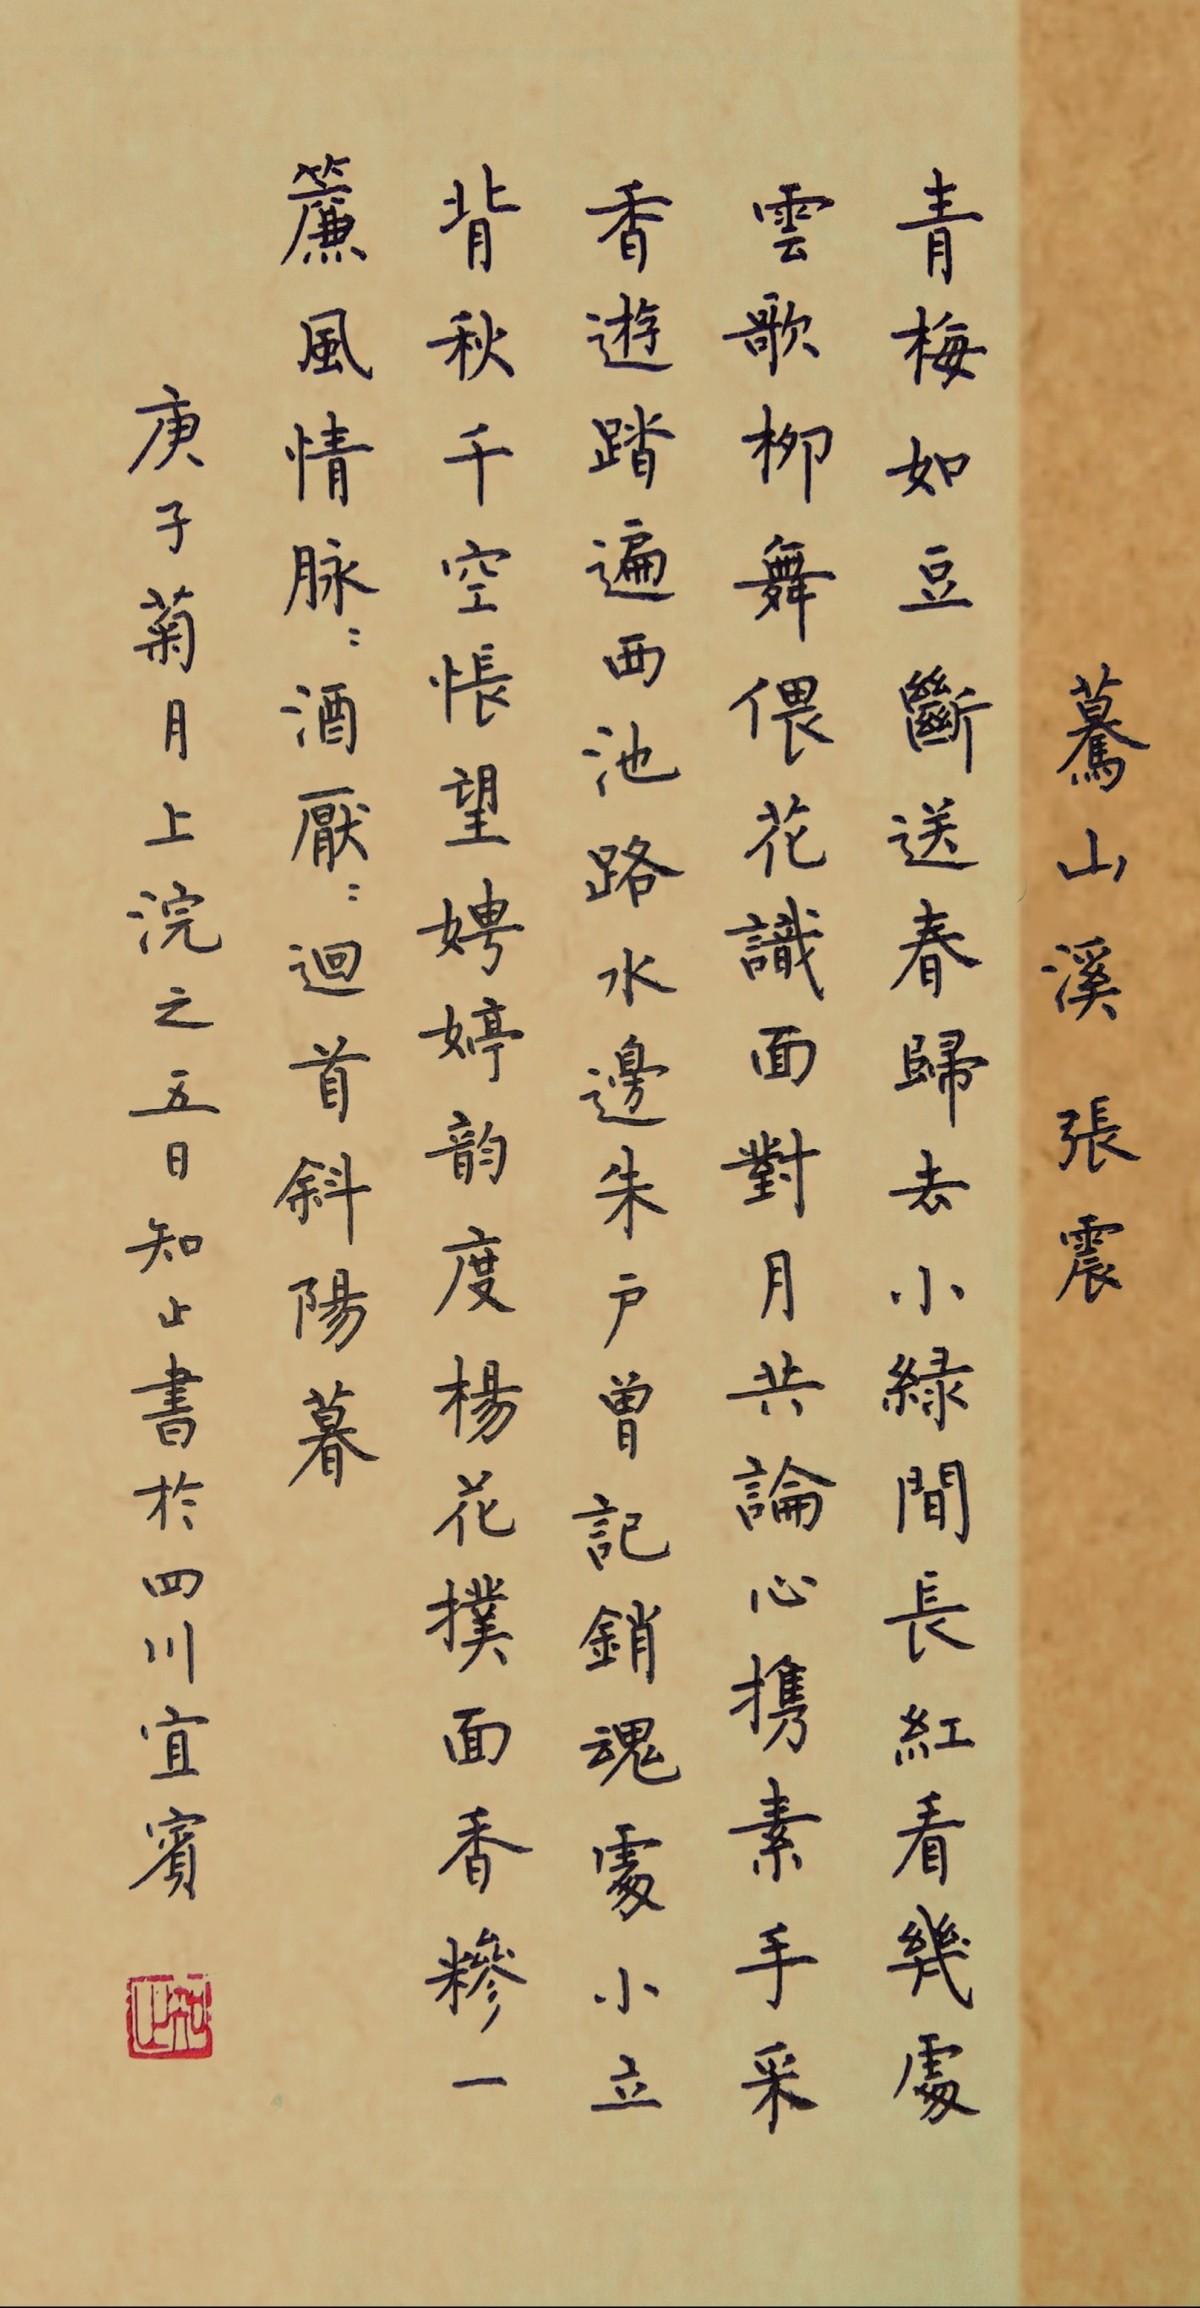 钢笔字练字打卡20201027-07